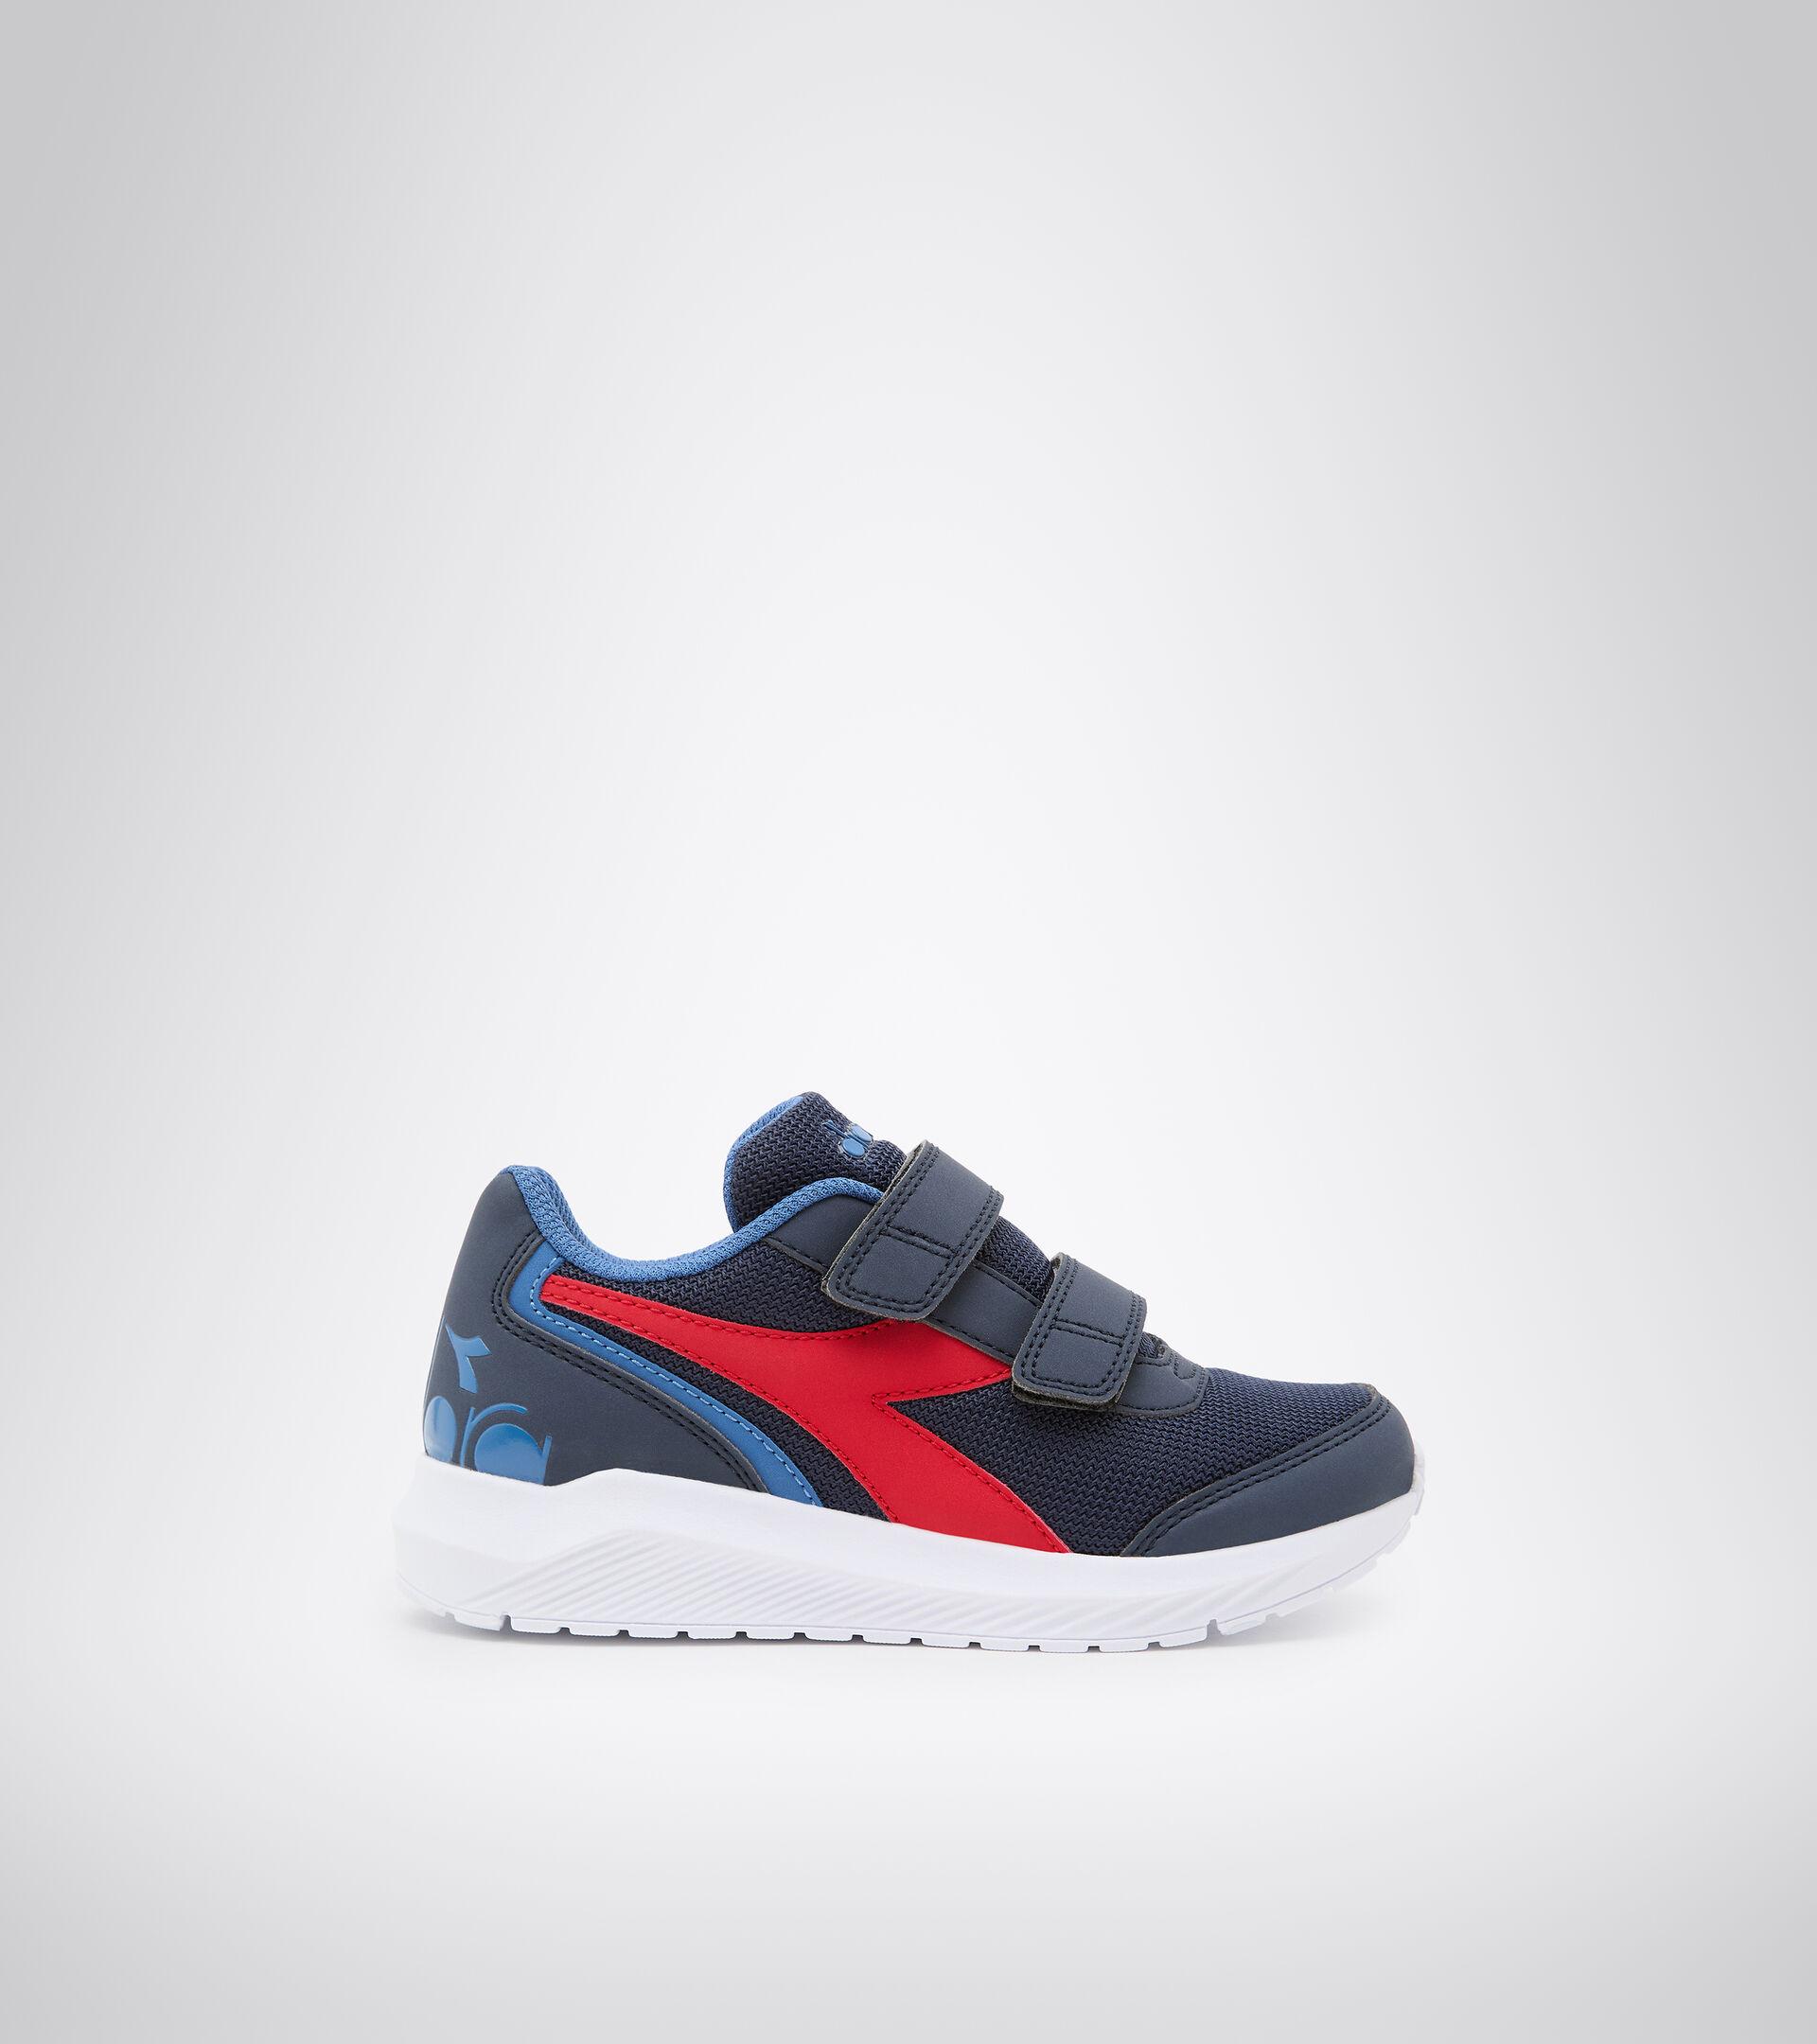 Running shoe - Kids FALCON JR V BLACK/BEGONIA PINK - Diadora